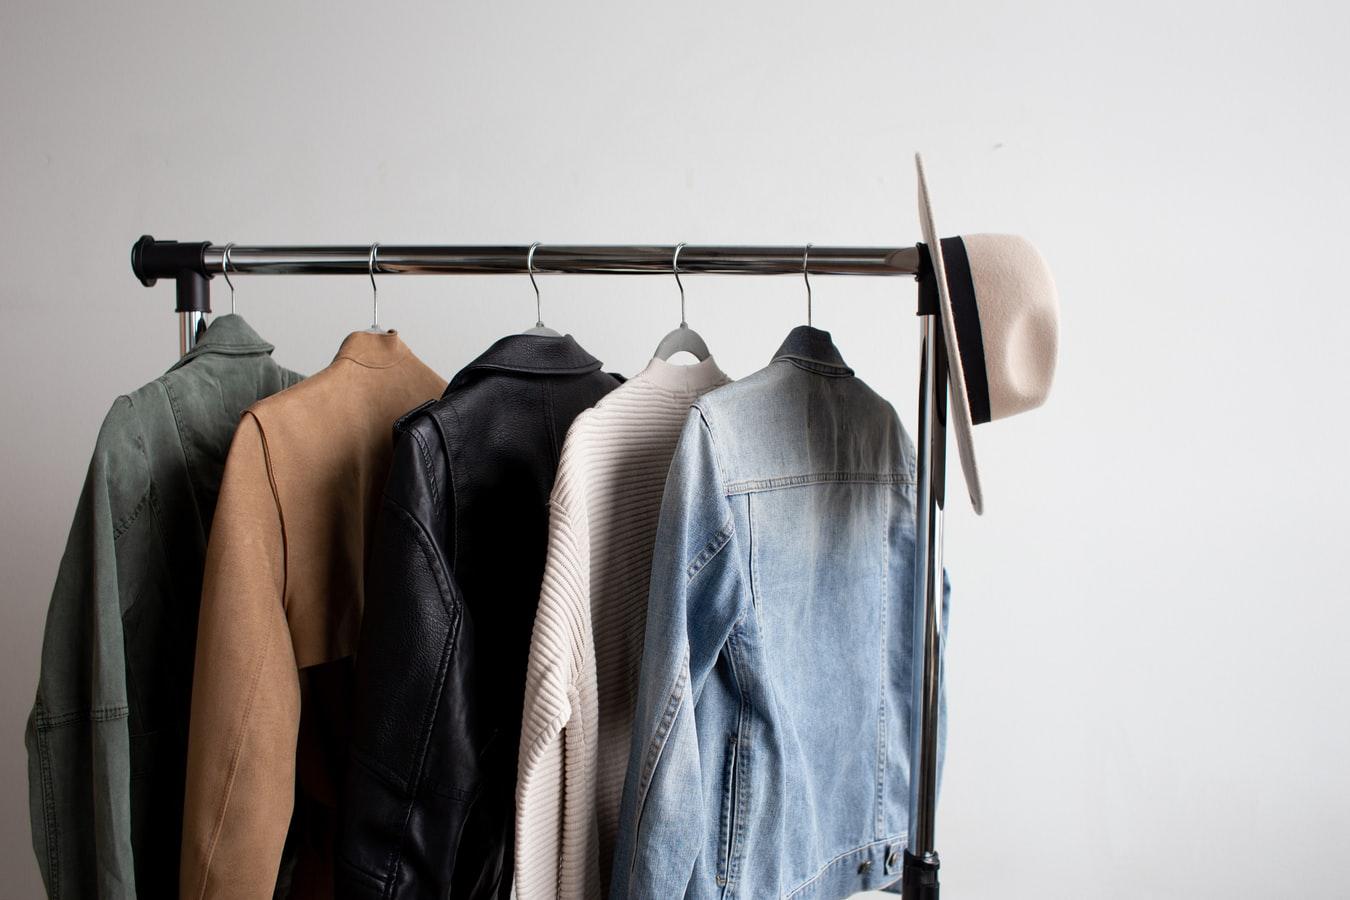 Créer une capsule Wardrobe pour un dressing minimaliste